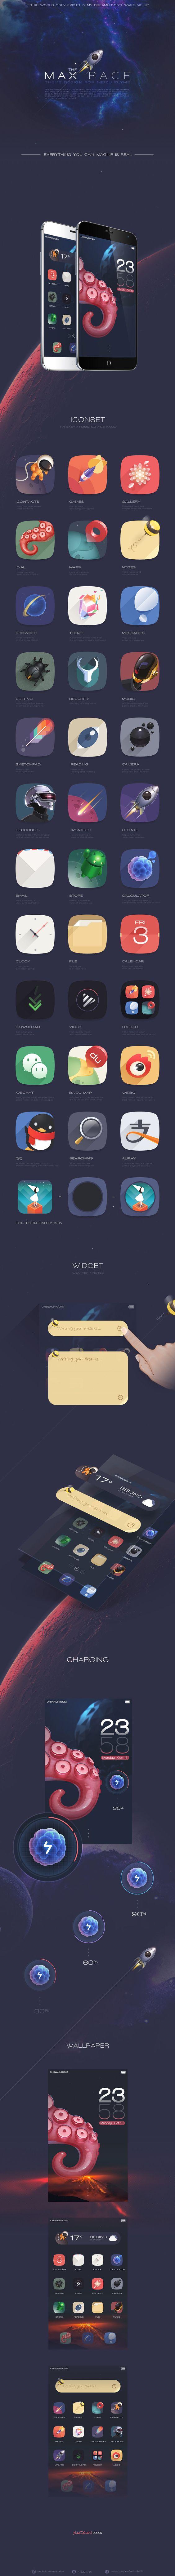 10-designs-dinterface-mobile-pour-votre-inspiration-blographisme-09